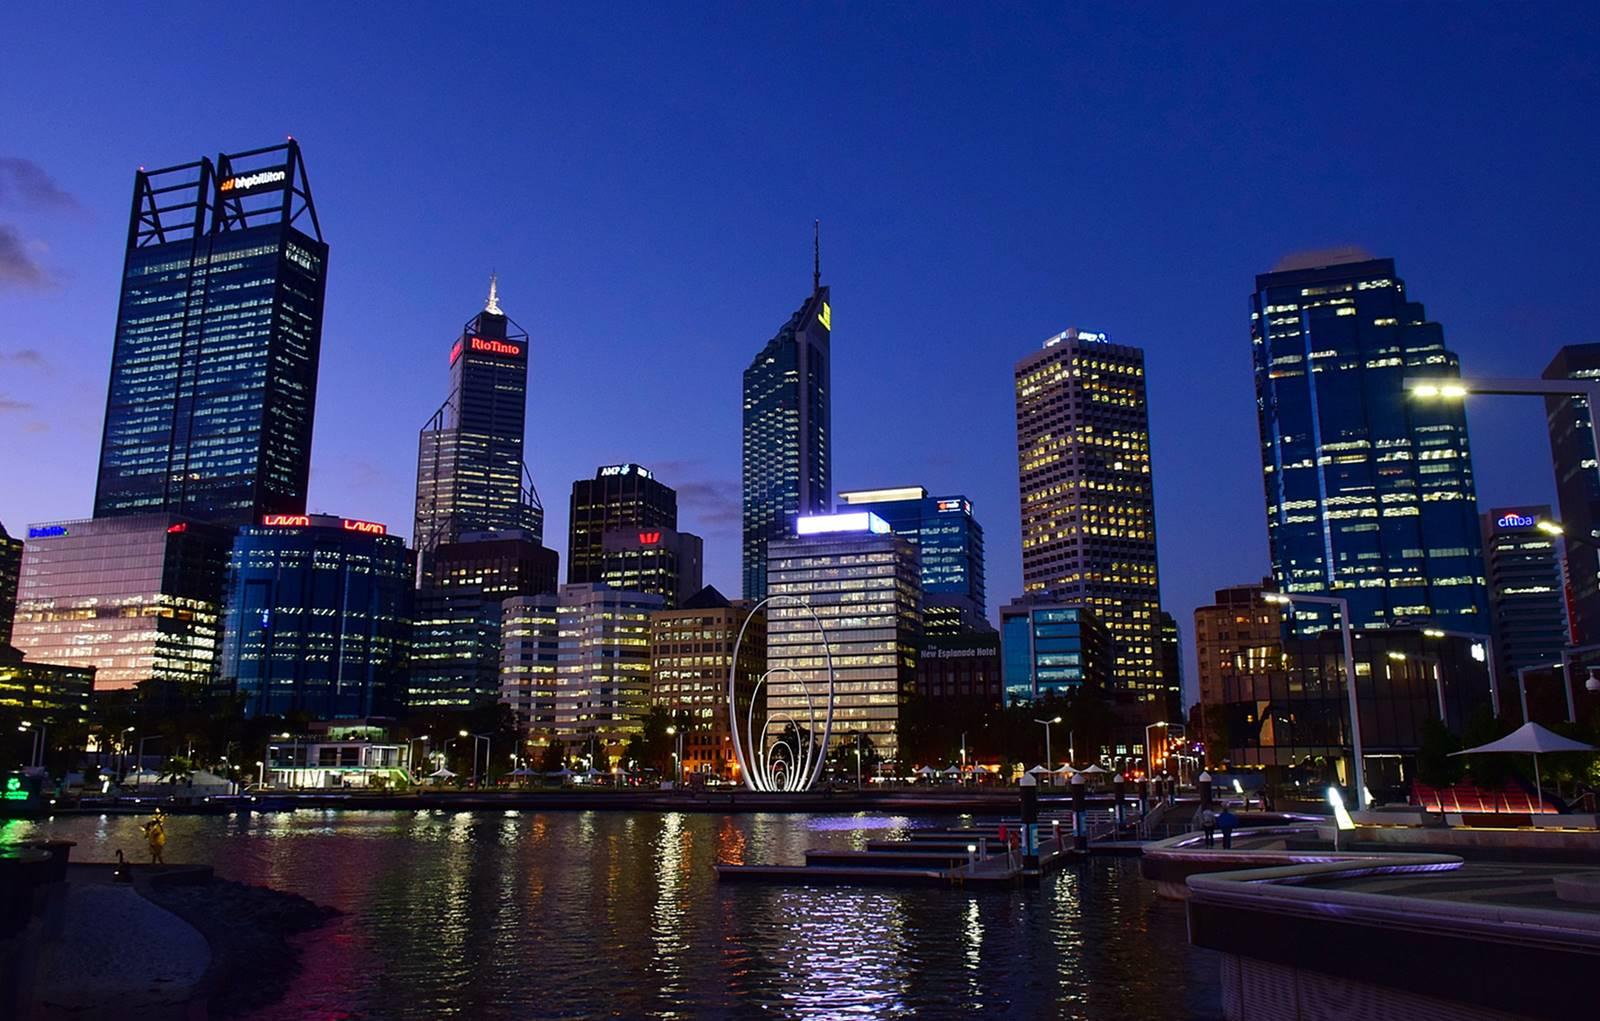 伯斯-市區-景點-推薦-自由行-旅遊-必玩-必去-遊記-行程-Perth-Best-Tourist-Travel-Attraction